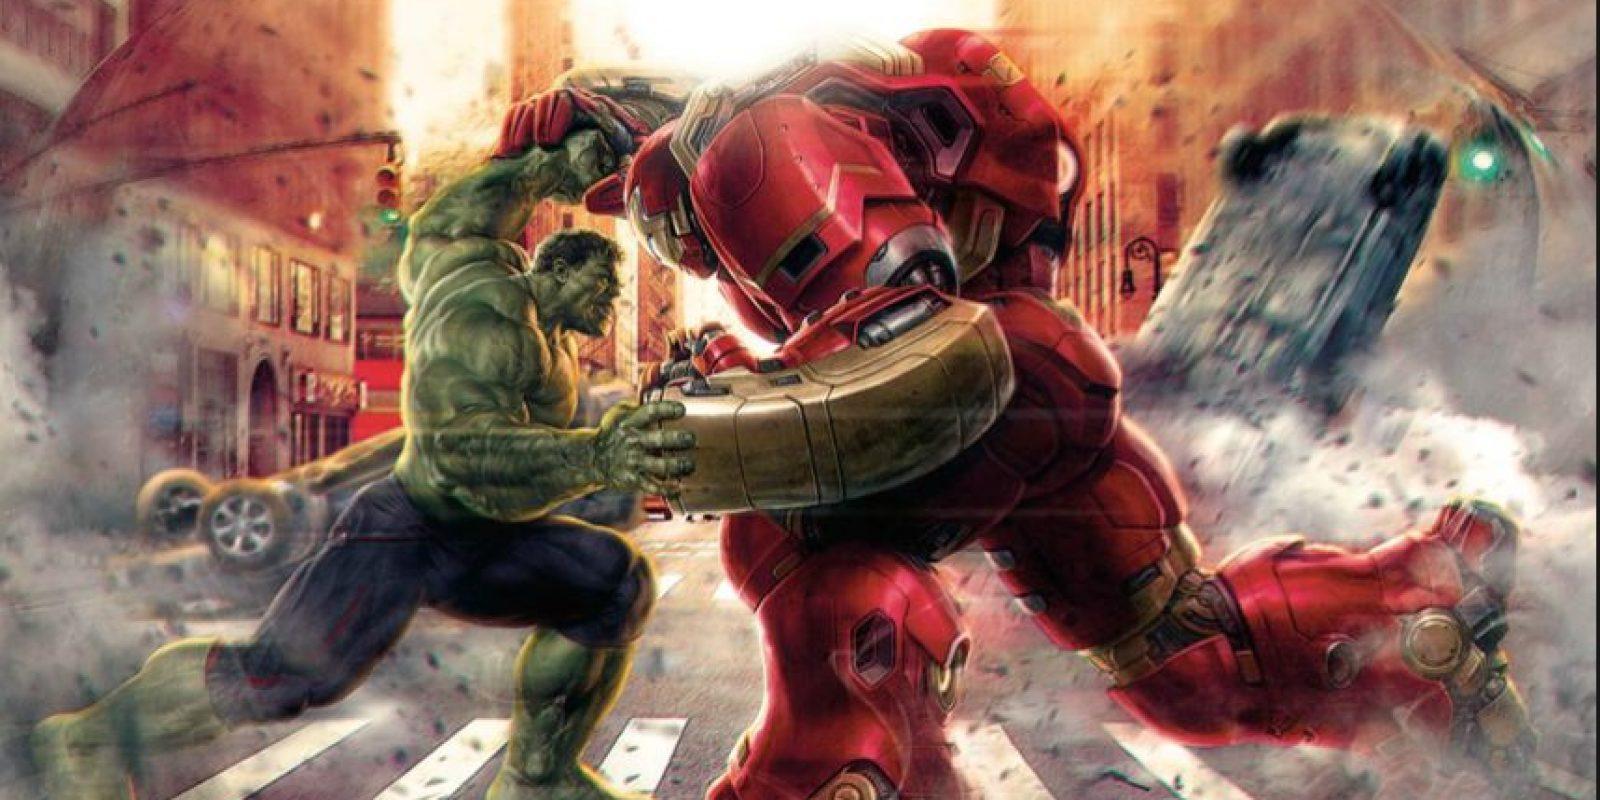 """La trama se revela en un lugar de vital importancia. Para saber por qué, tienen que verse los últimos capítulos de """"Marvel Agent´s Of S.H.I.E.L.D"""". Foto:vía Marvel"""